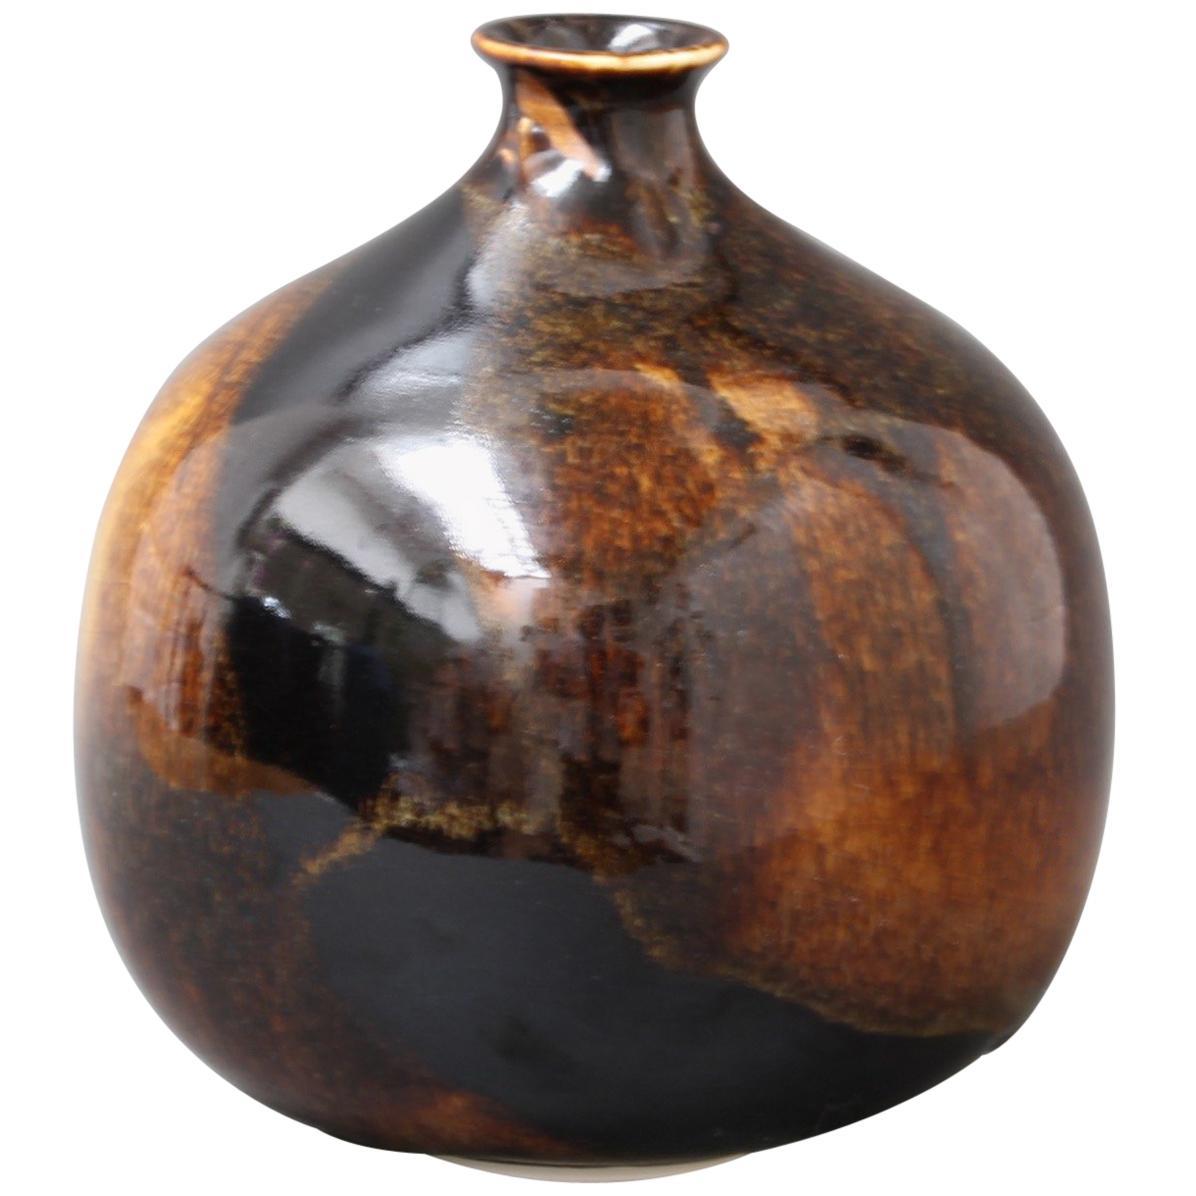 Midcentury Brown Ceramic Flower Vase, circa 1960s